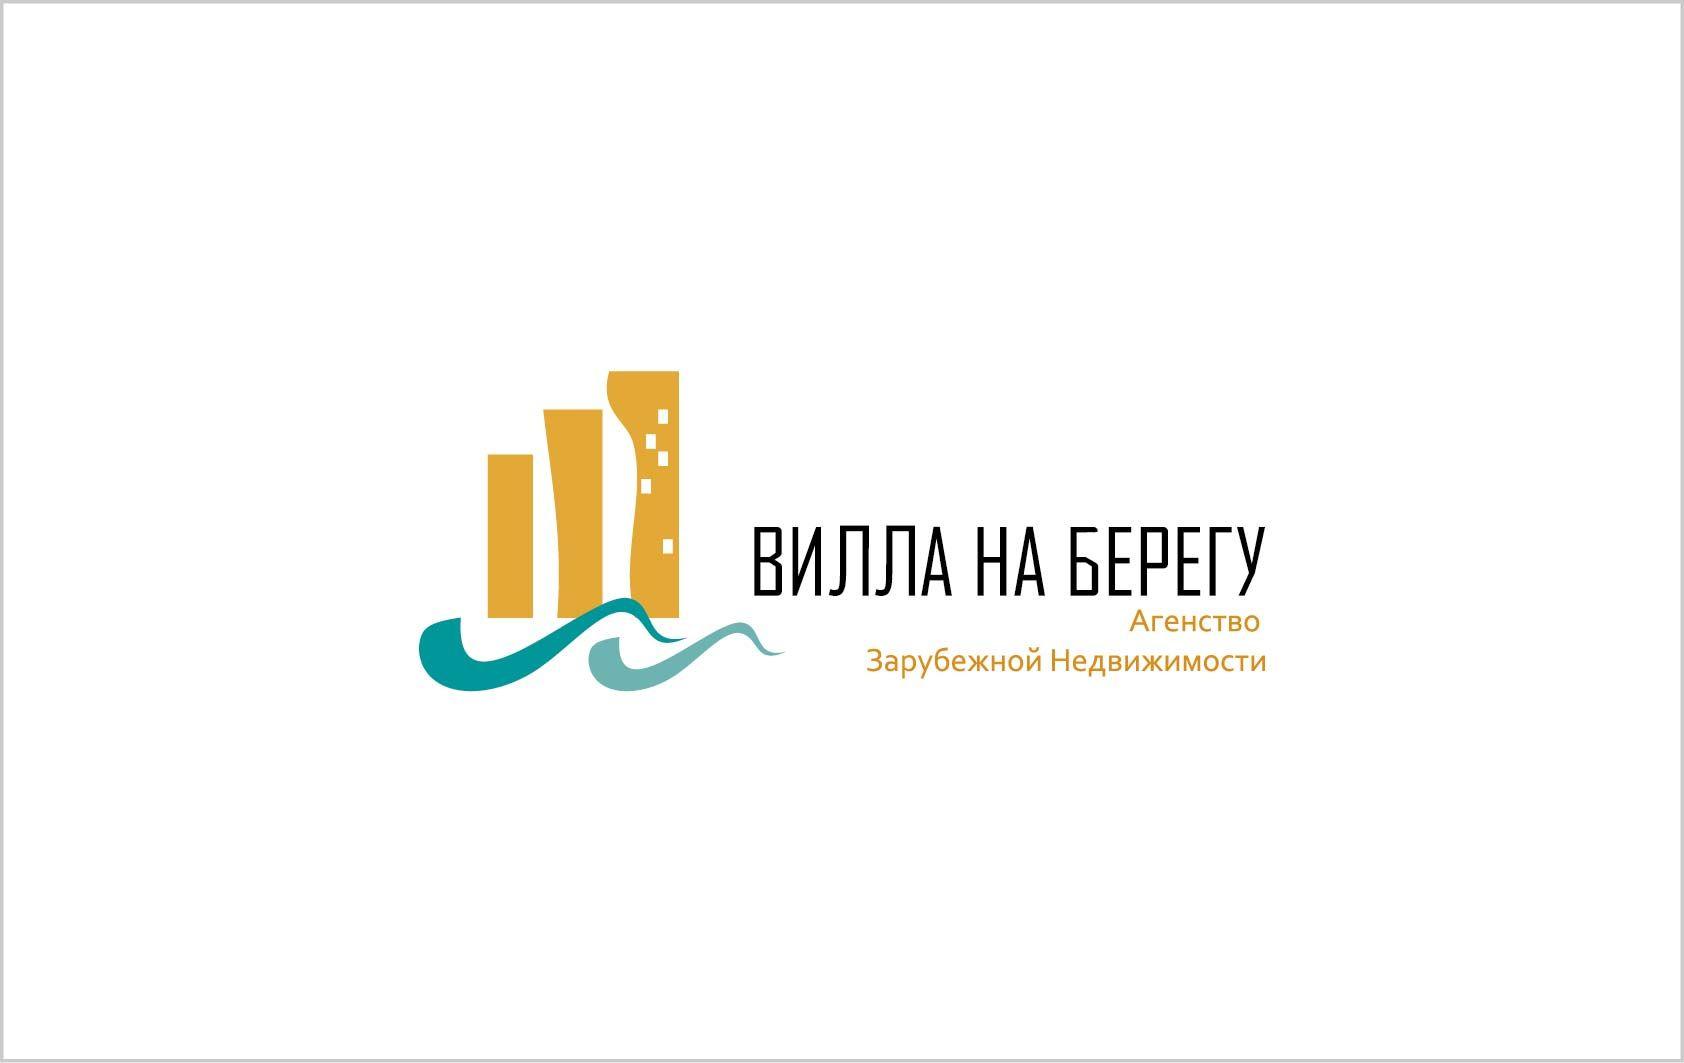 Фирстиль для агентства зарубежной недвижимости - дизайнер BroSik